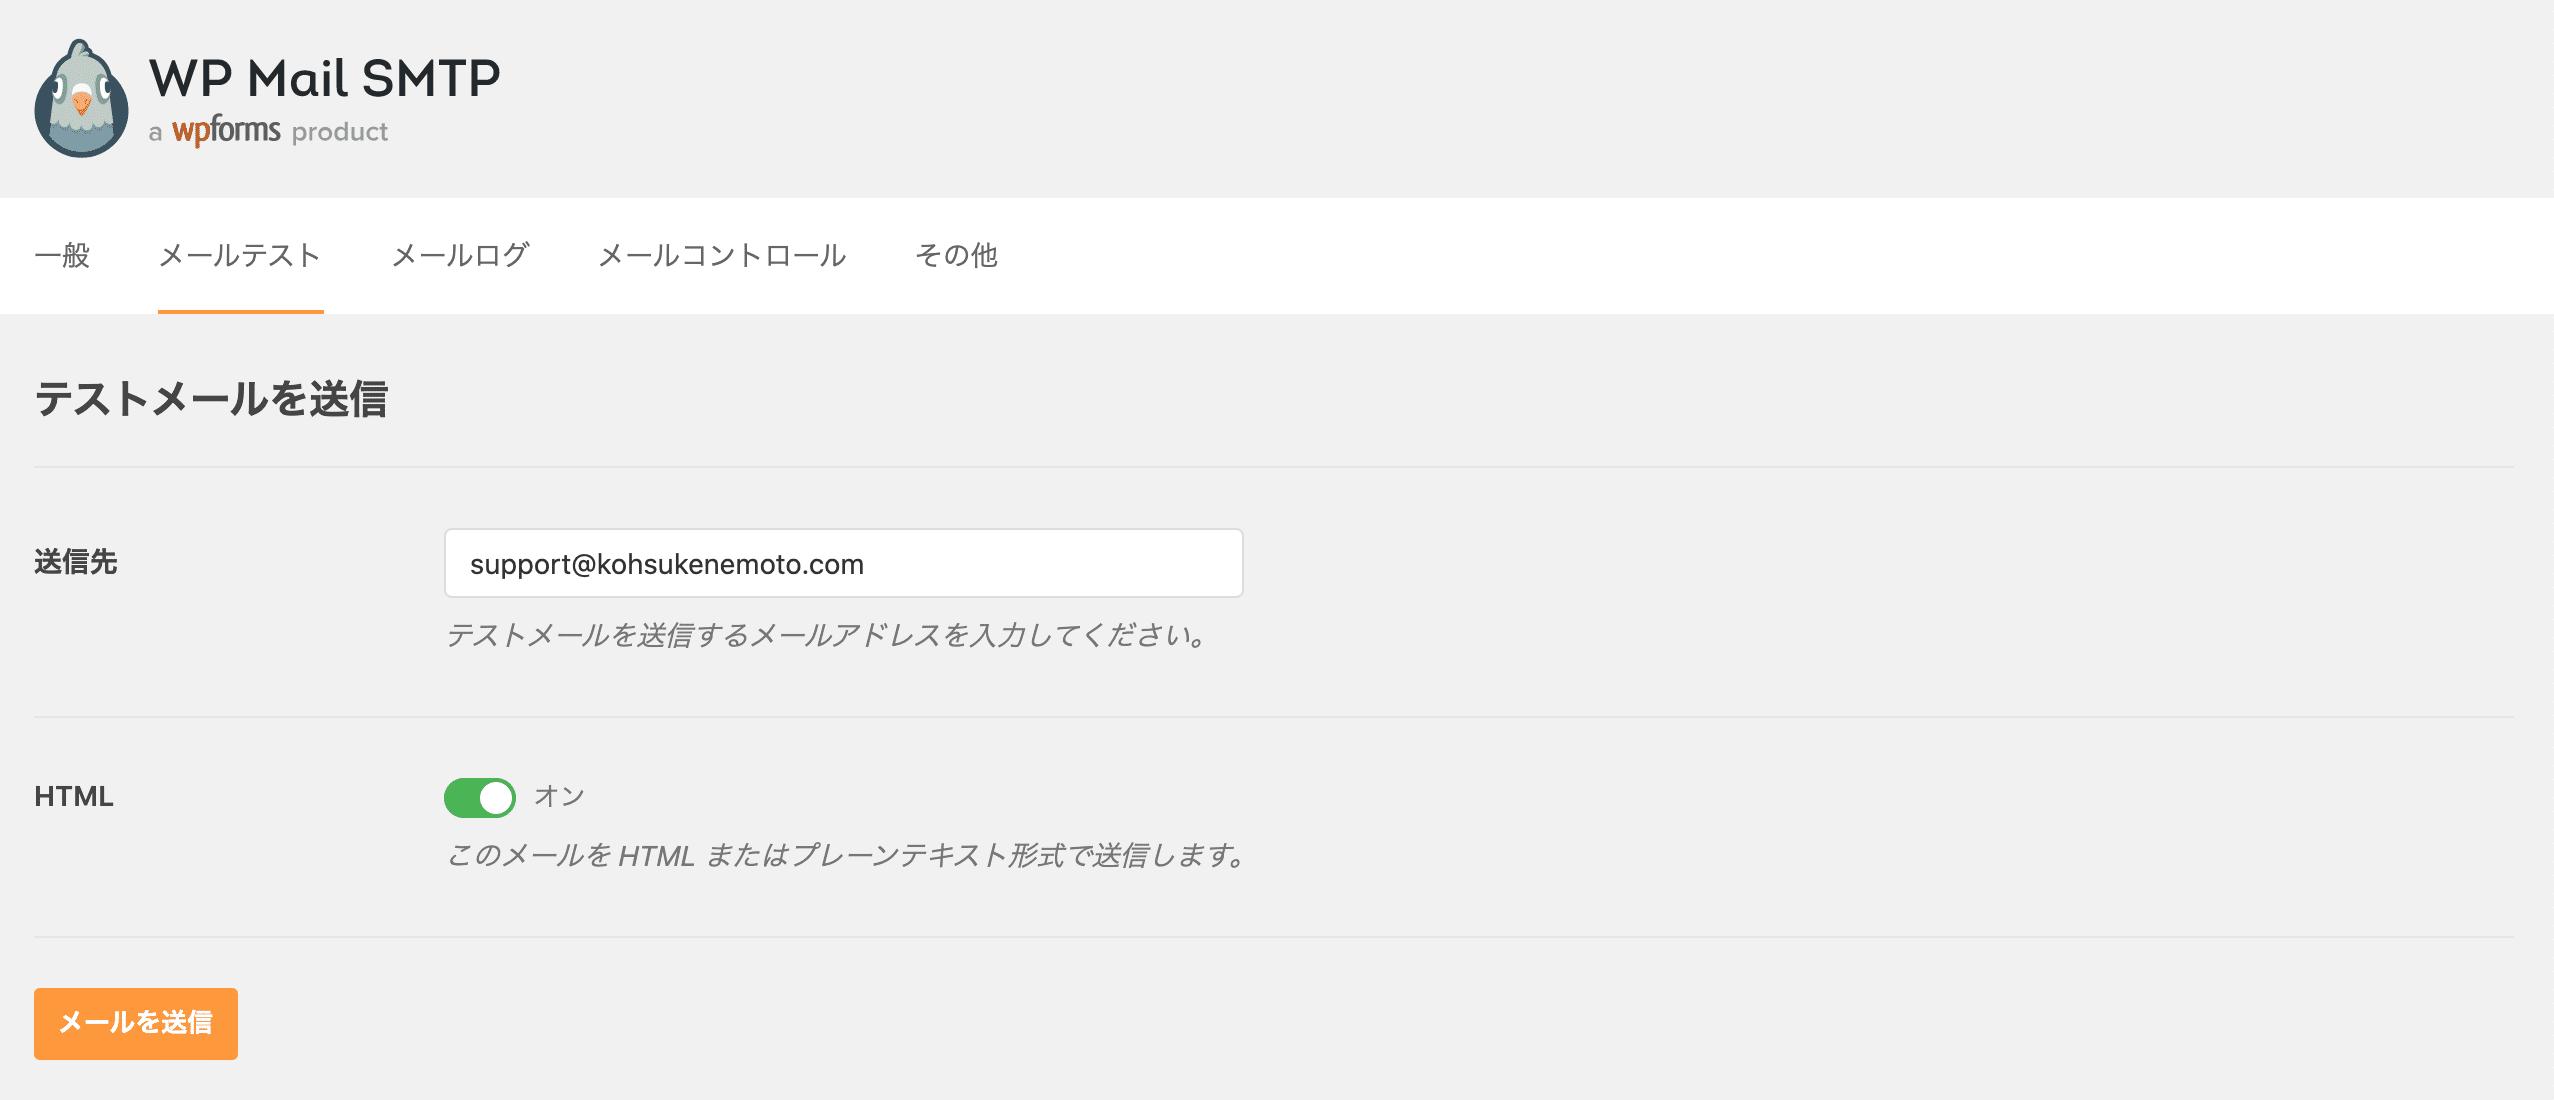 WP Mail SMTPの「メールテスト」